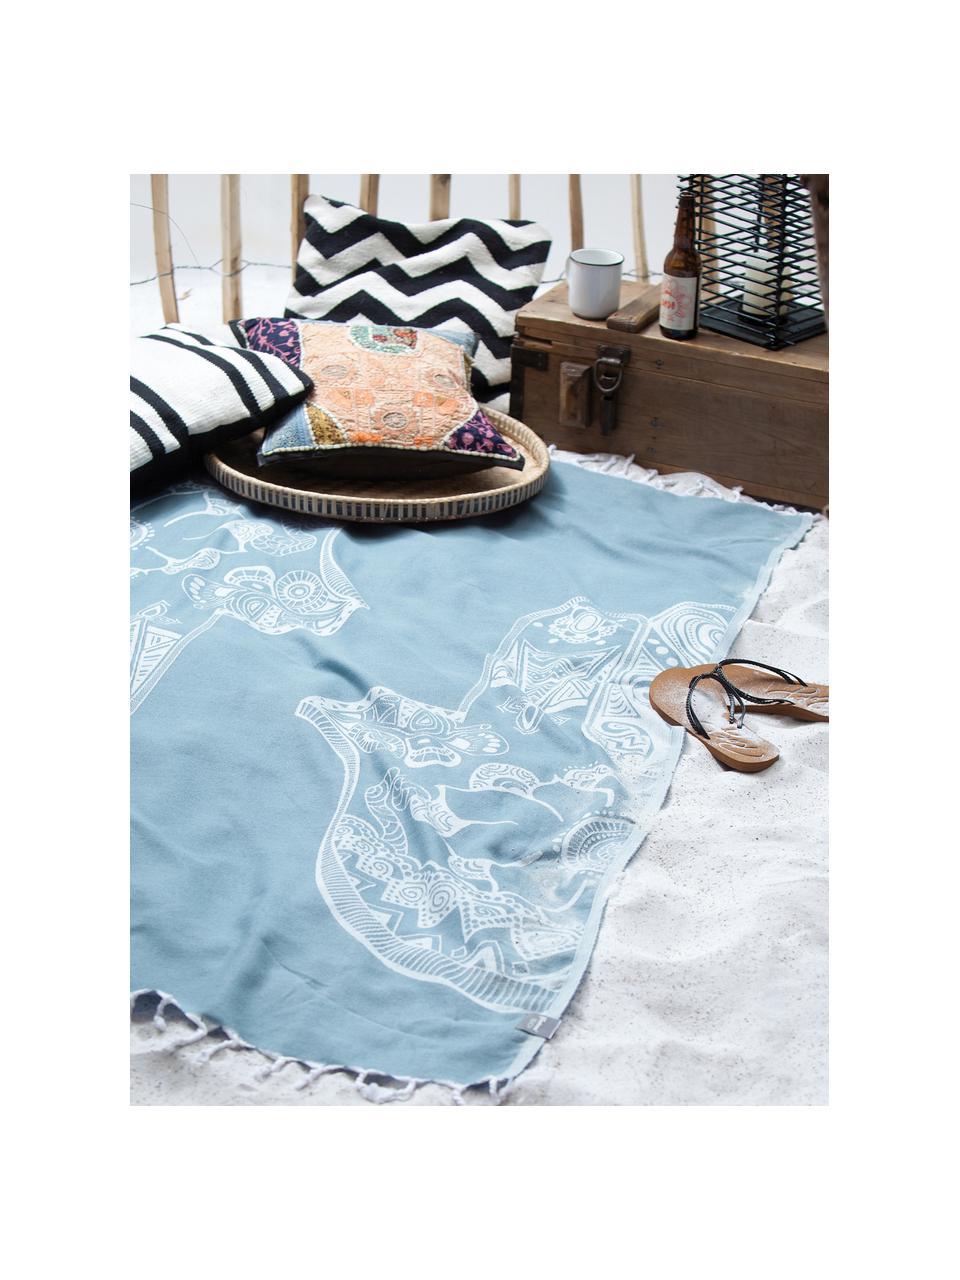 Hamamtuch Hamsa, 100% Baumwolle, leichte Qualität, 180 g/m², Hellblau, Weiß, 90 x 180 cm